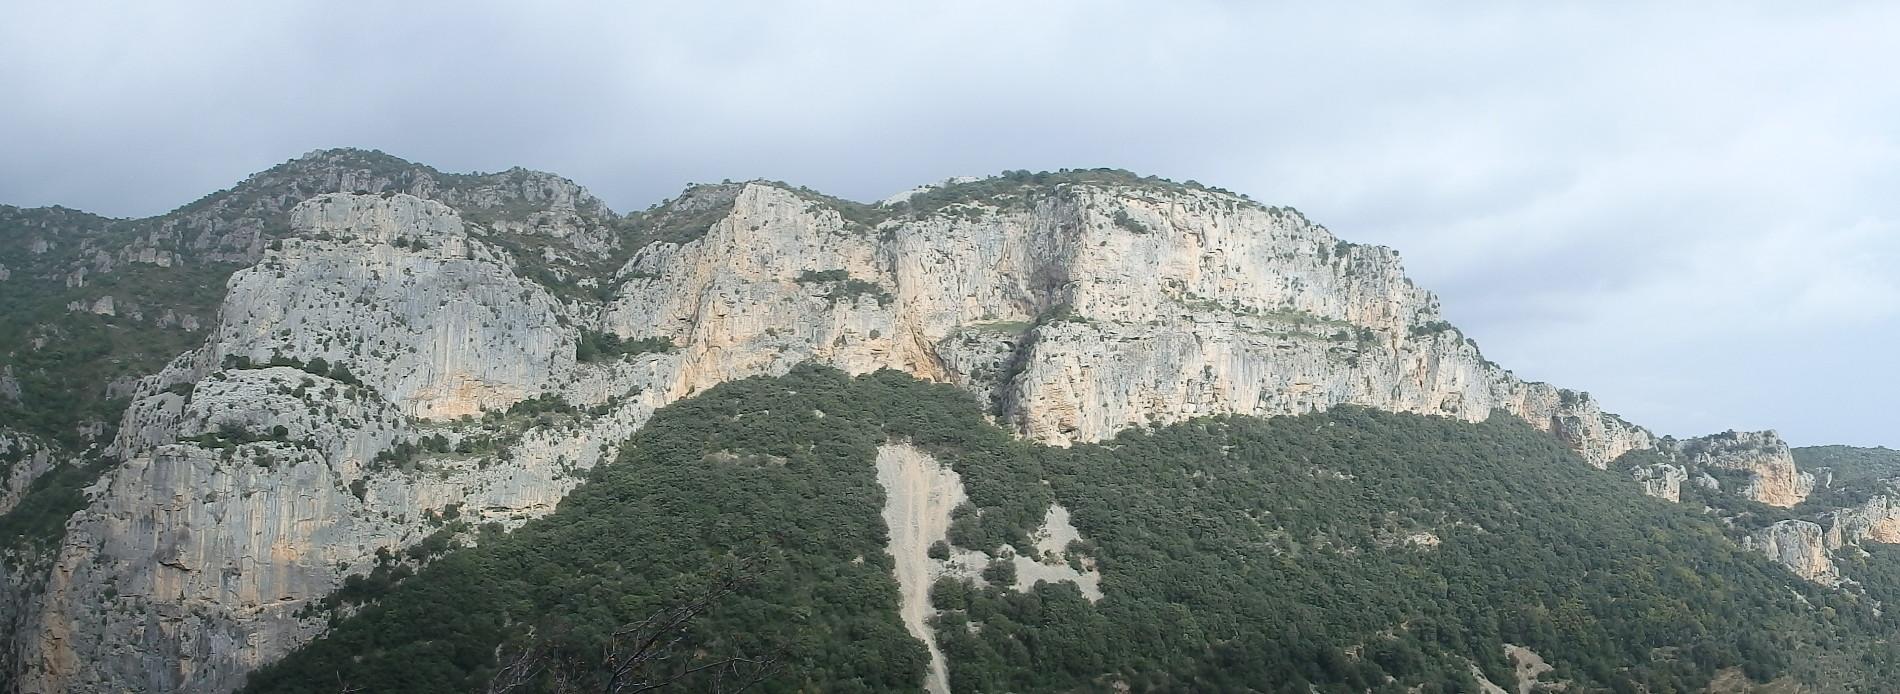 randonnee-rappel-saint-guilhem-desert-parcours